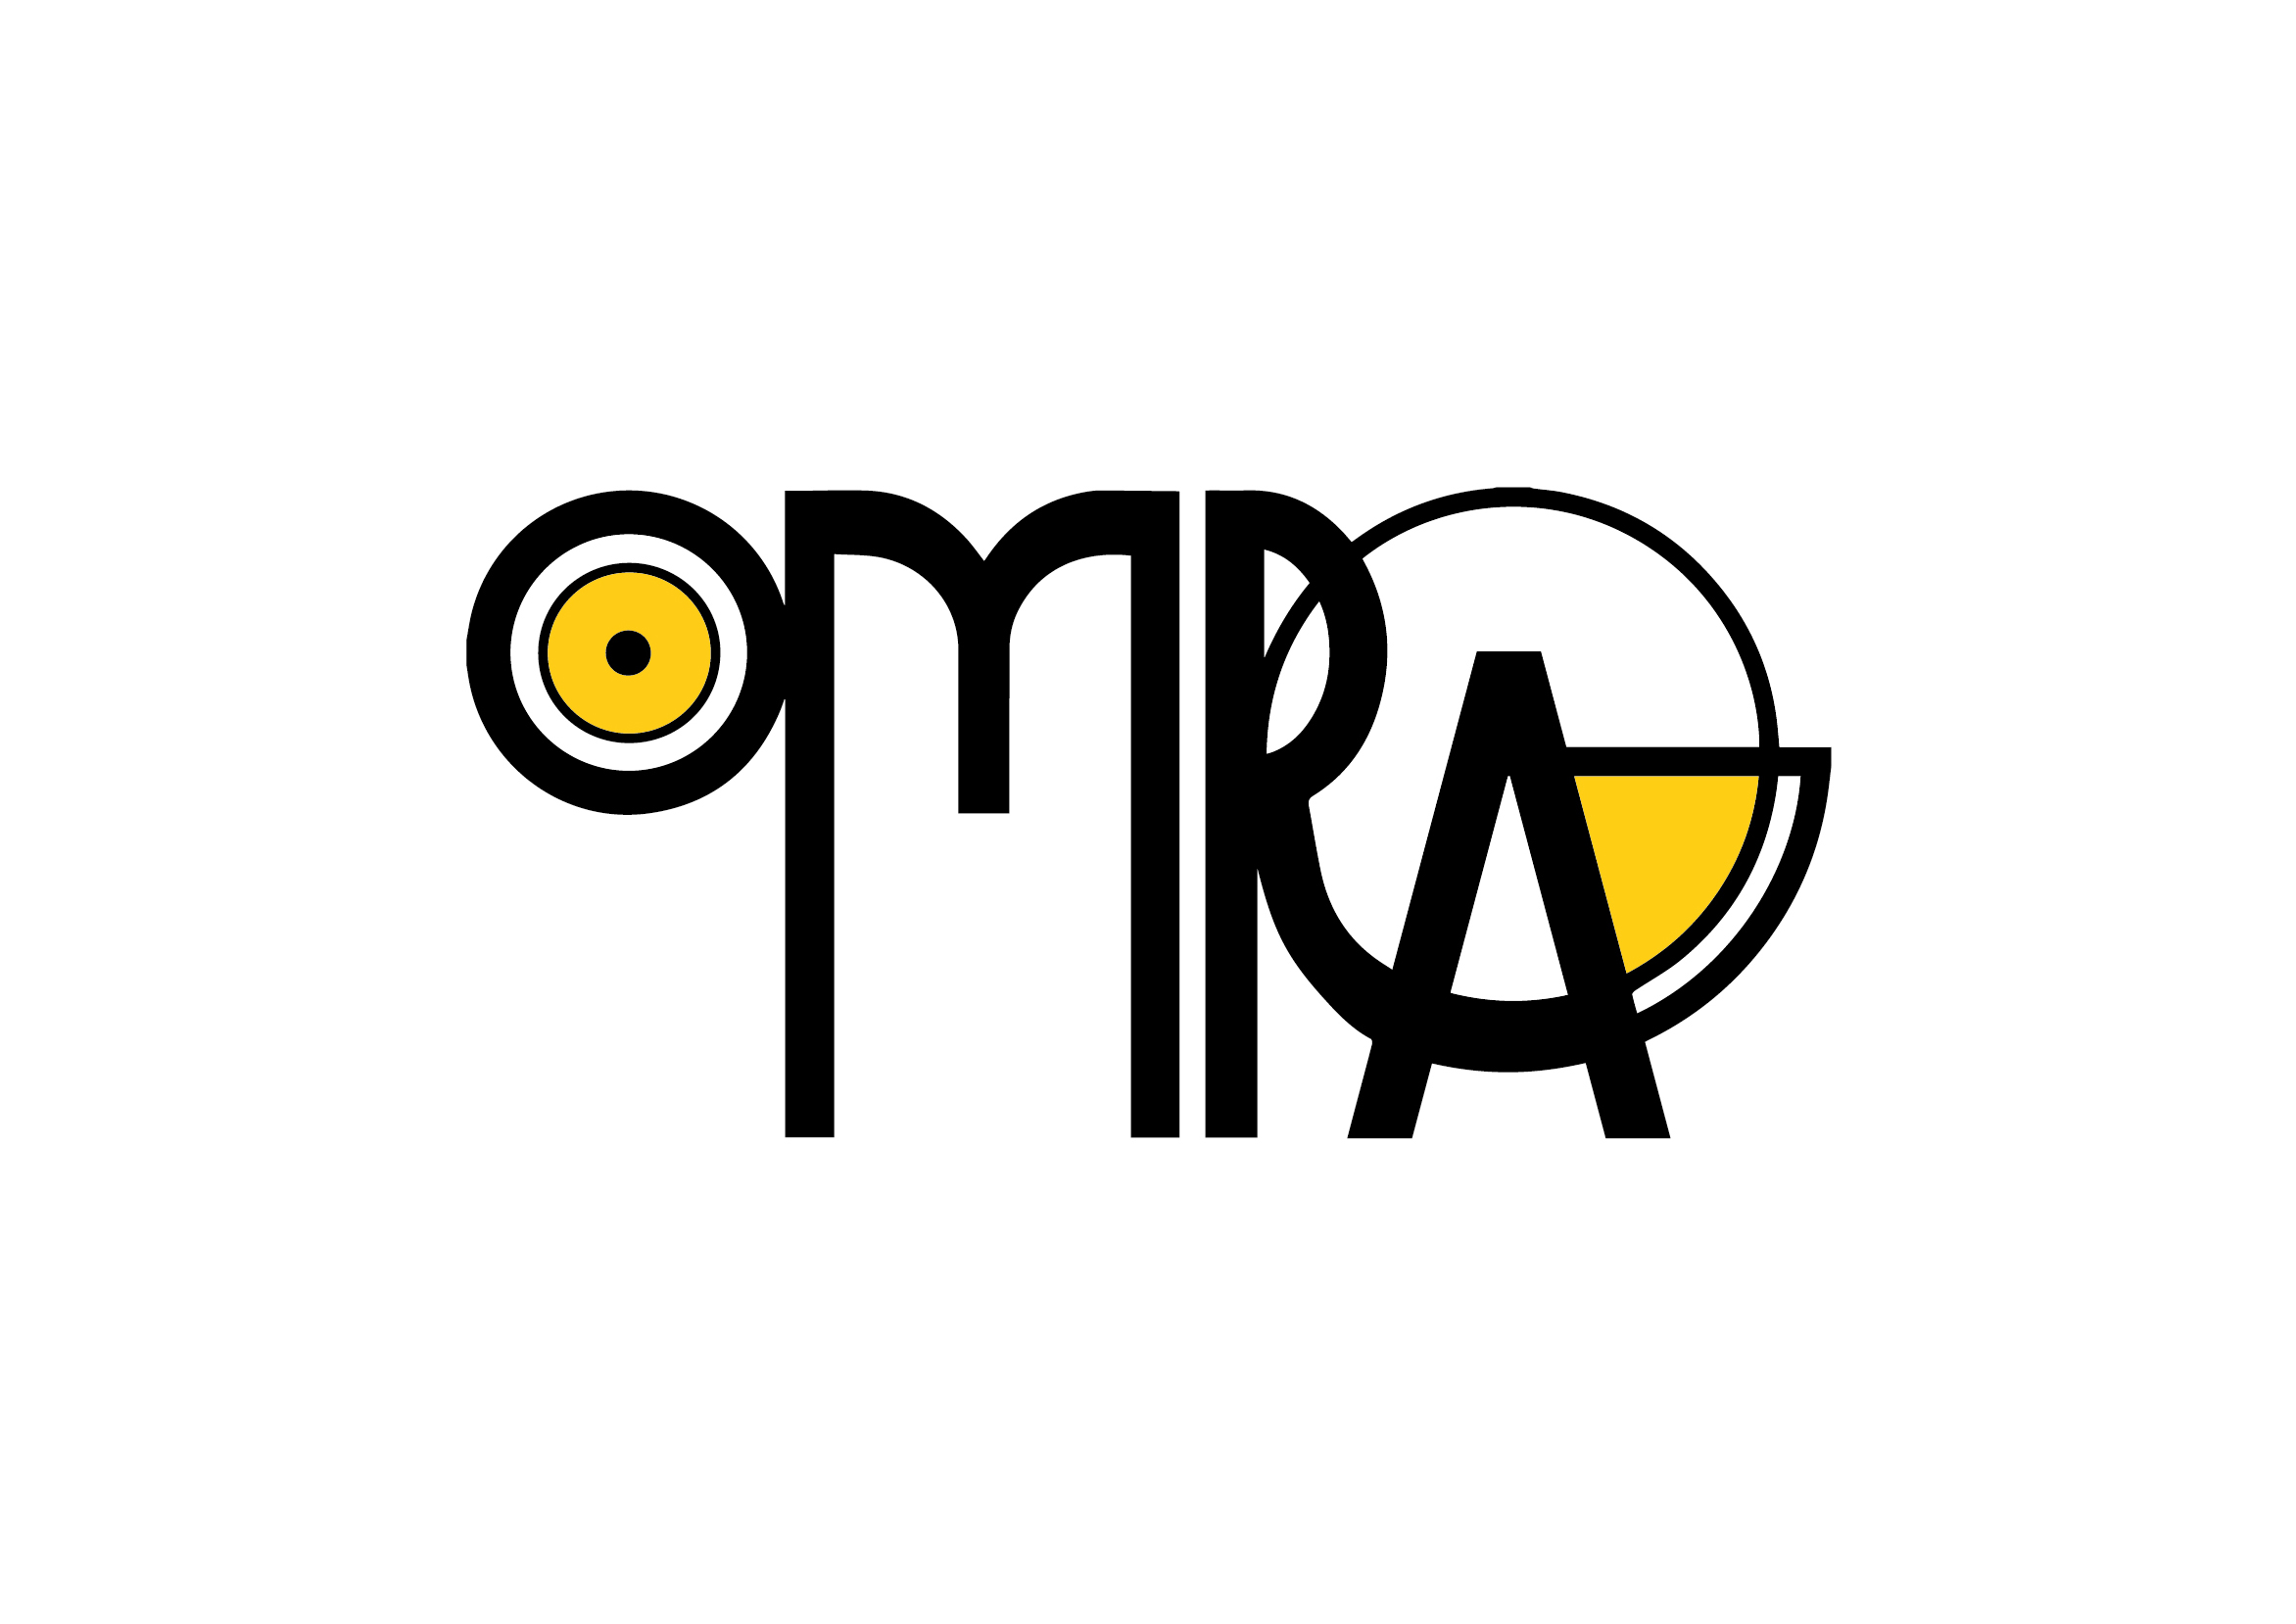 OMRA -